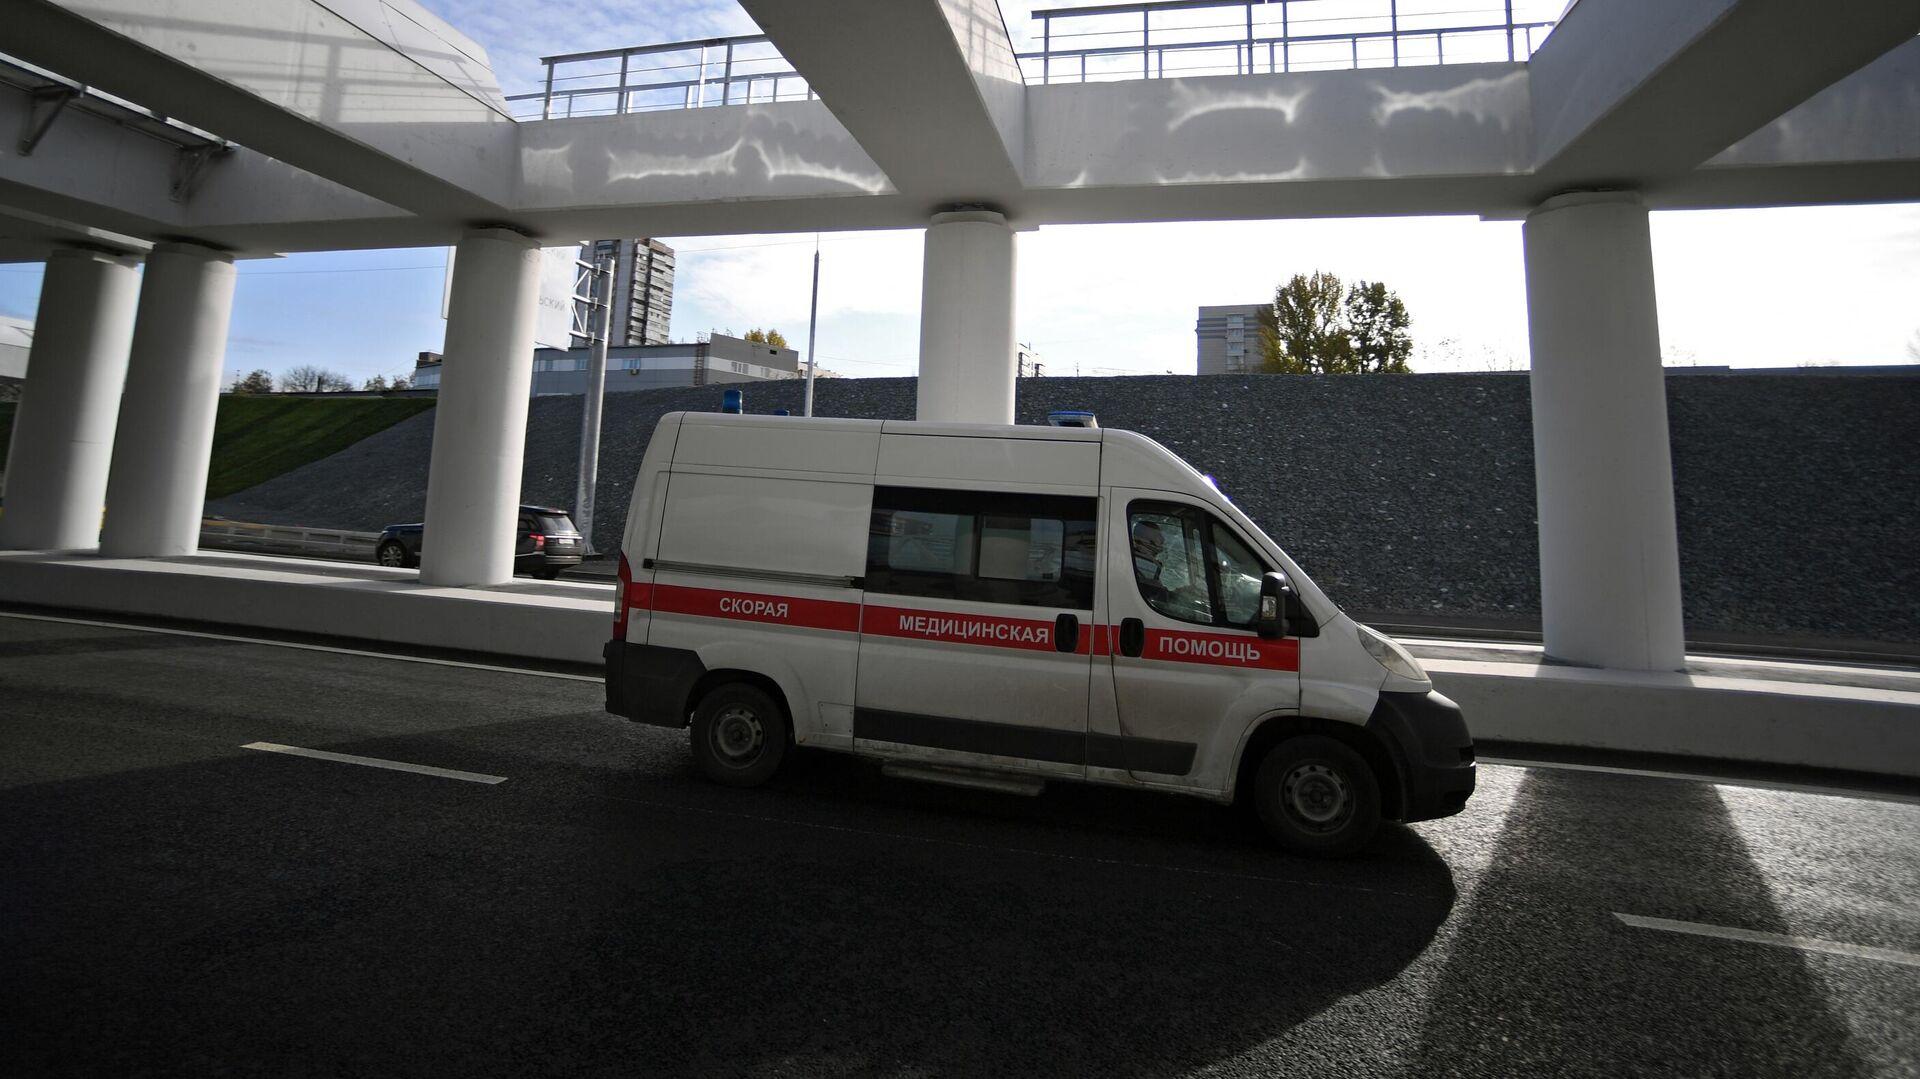 Второго за день ребенка на самокате сбили на переходе в Москве